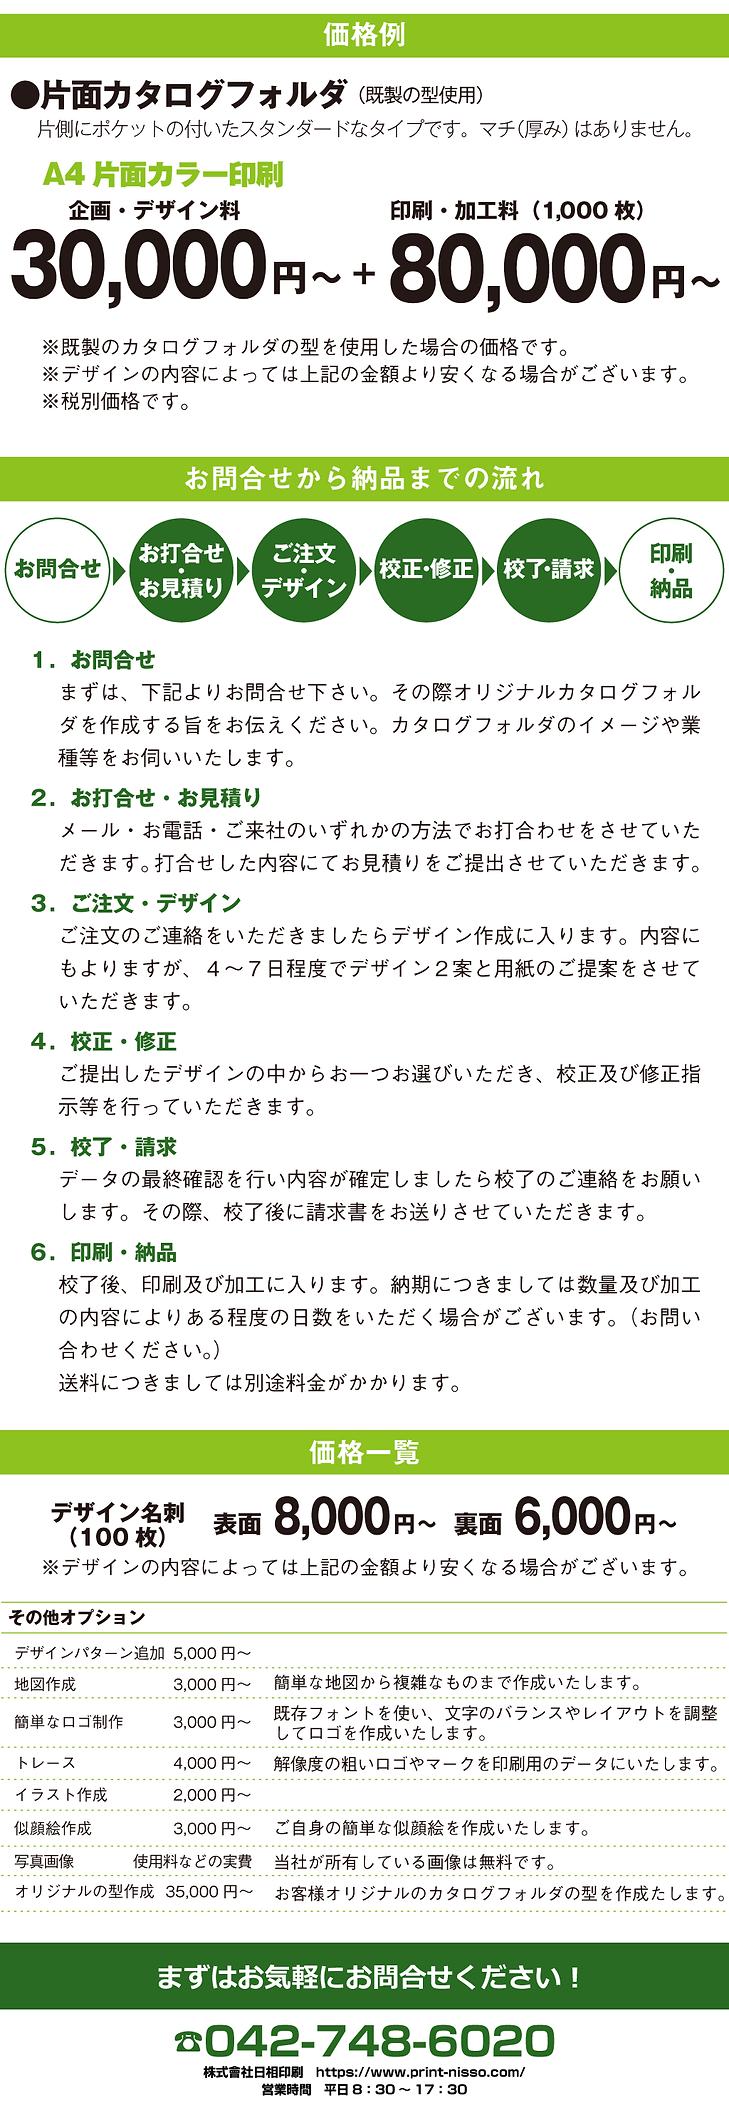 オリジナルforuda_02.png